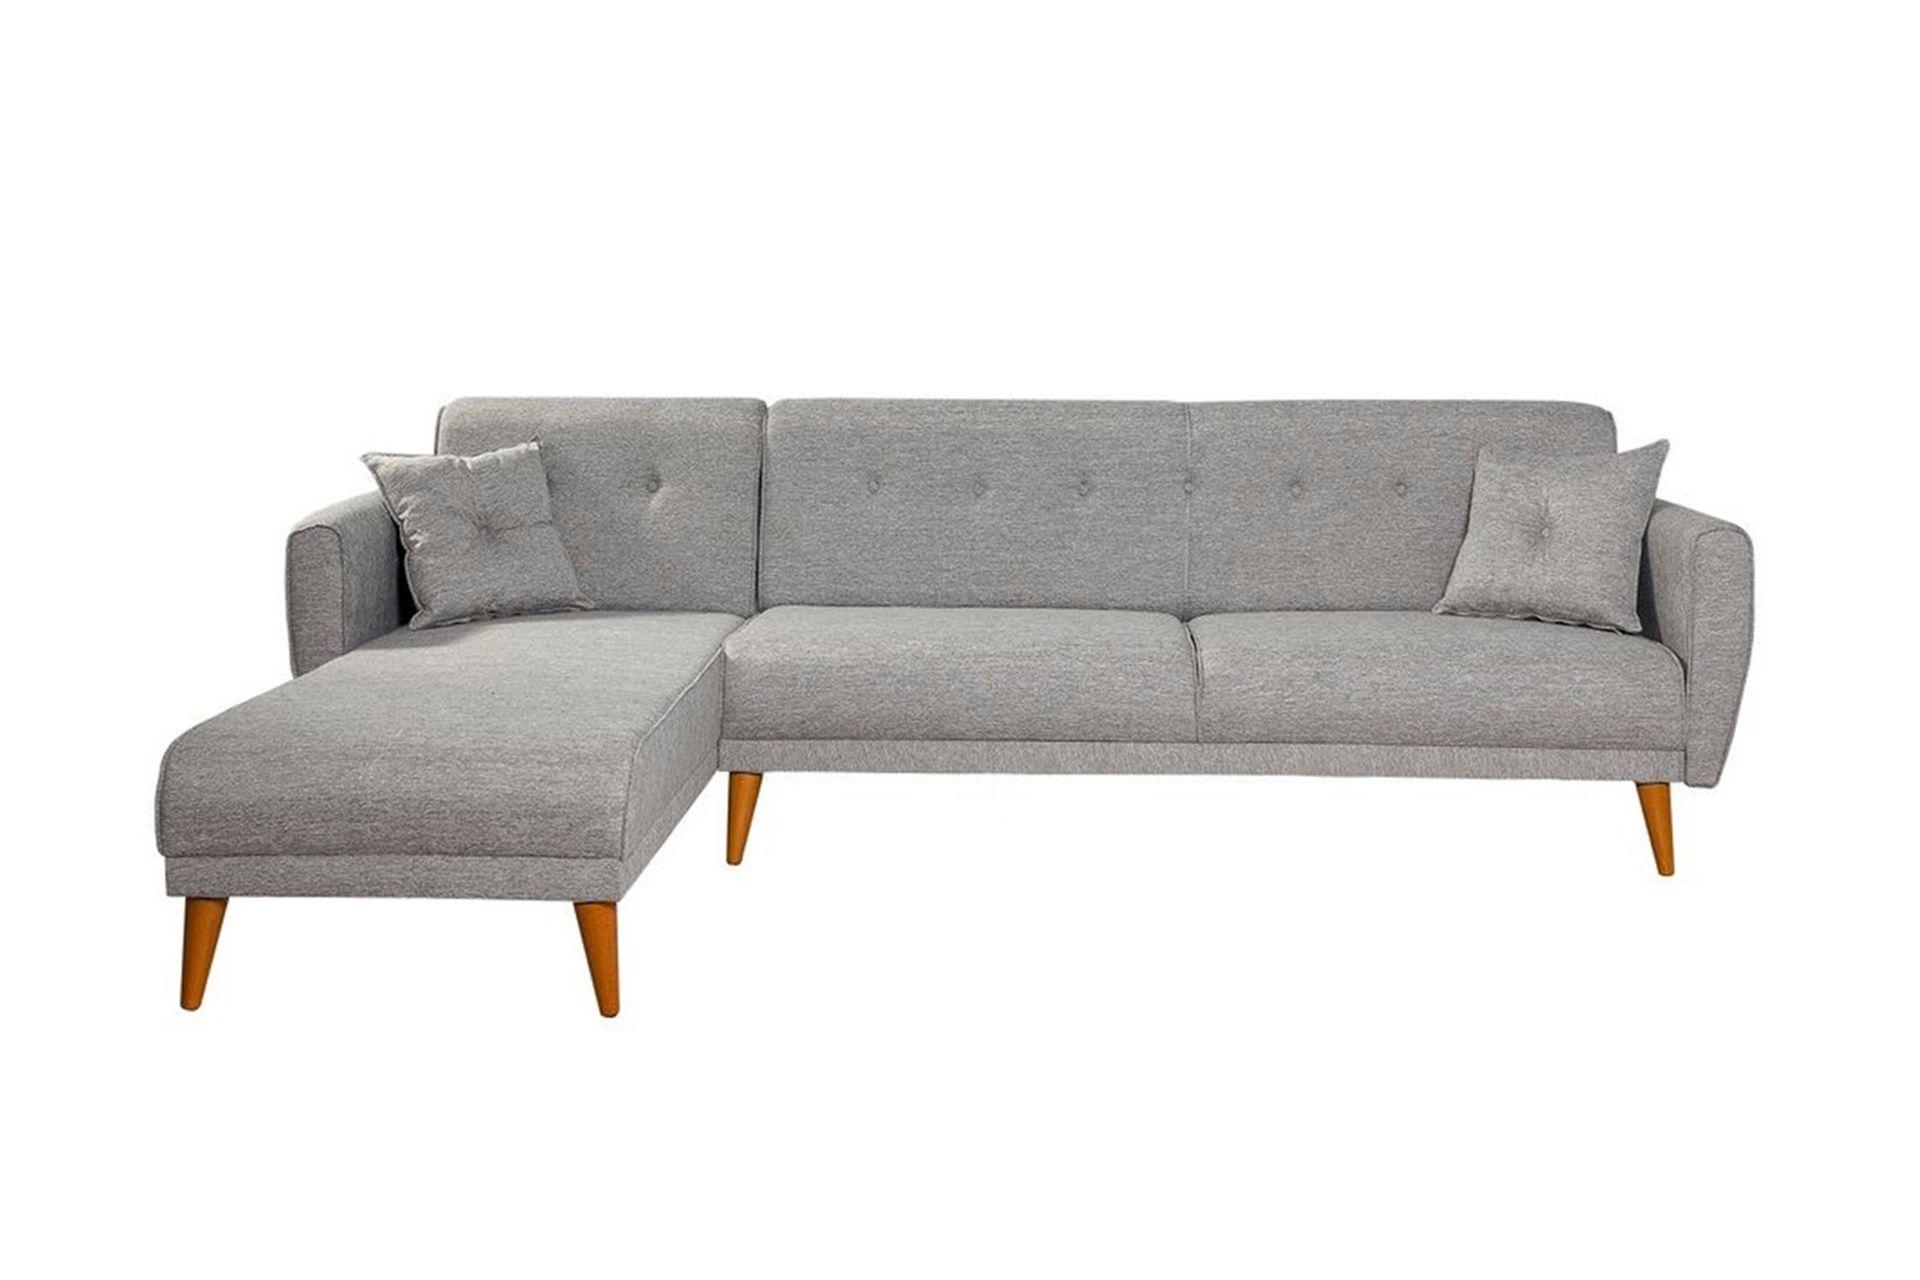 Aria Corner Sofa Bed, Grey (Left)